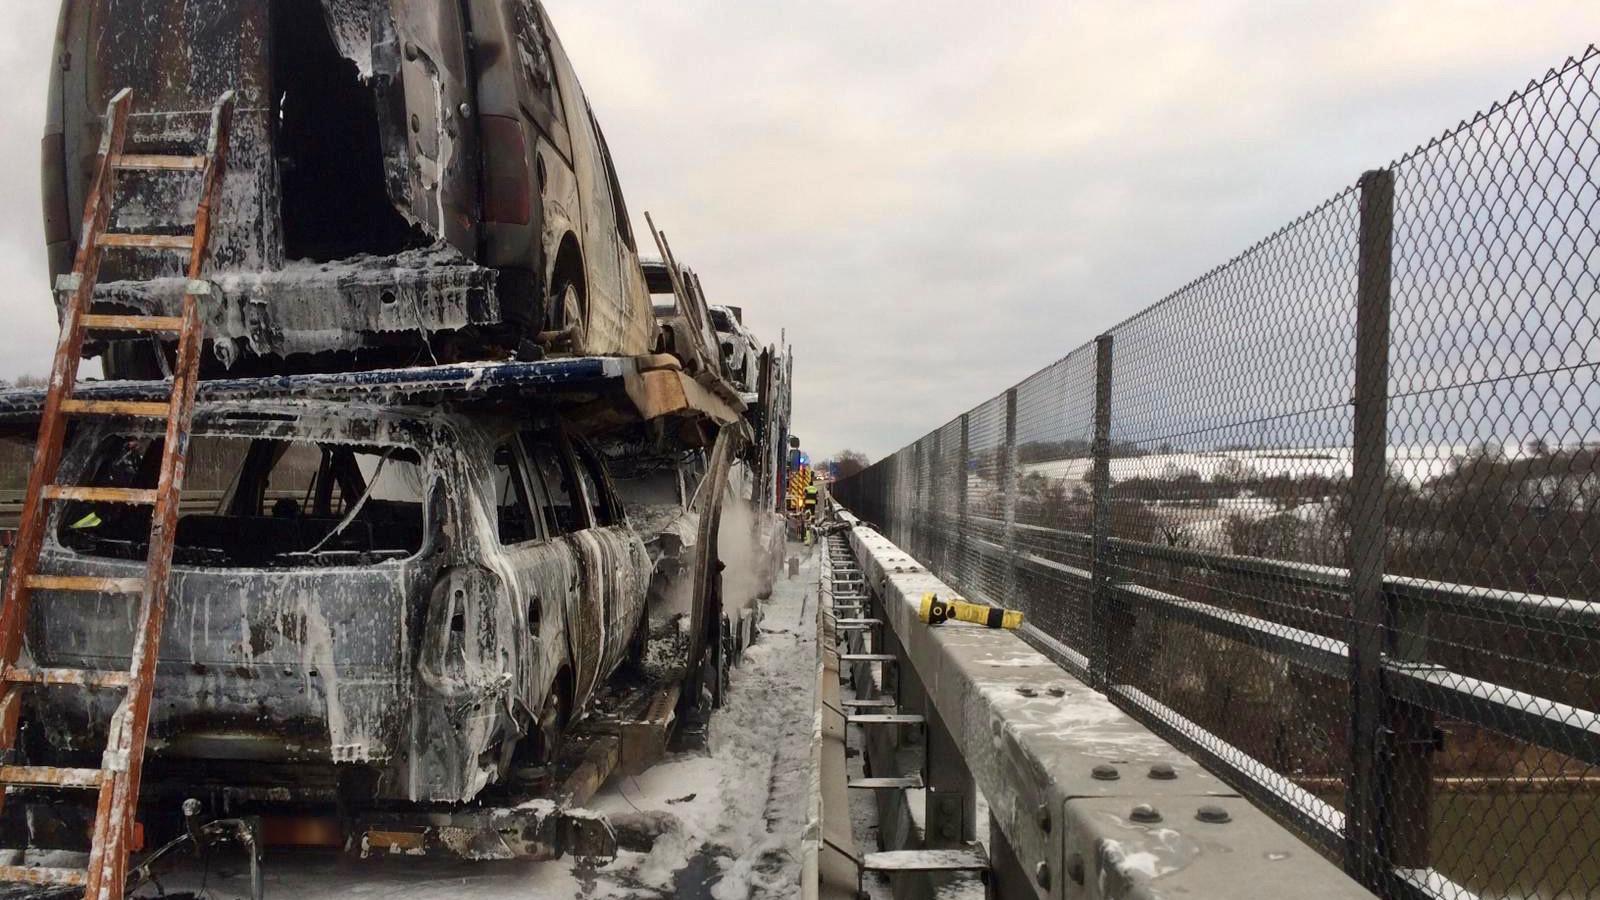 Der ausgebrannte Autotransporter auf der Brücke